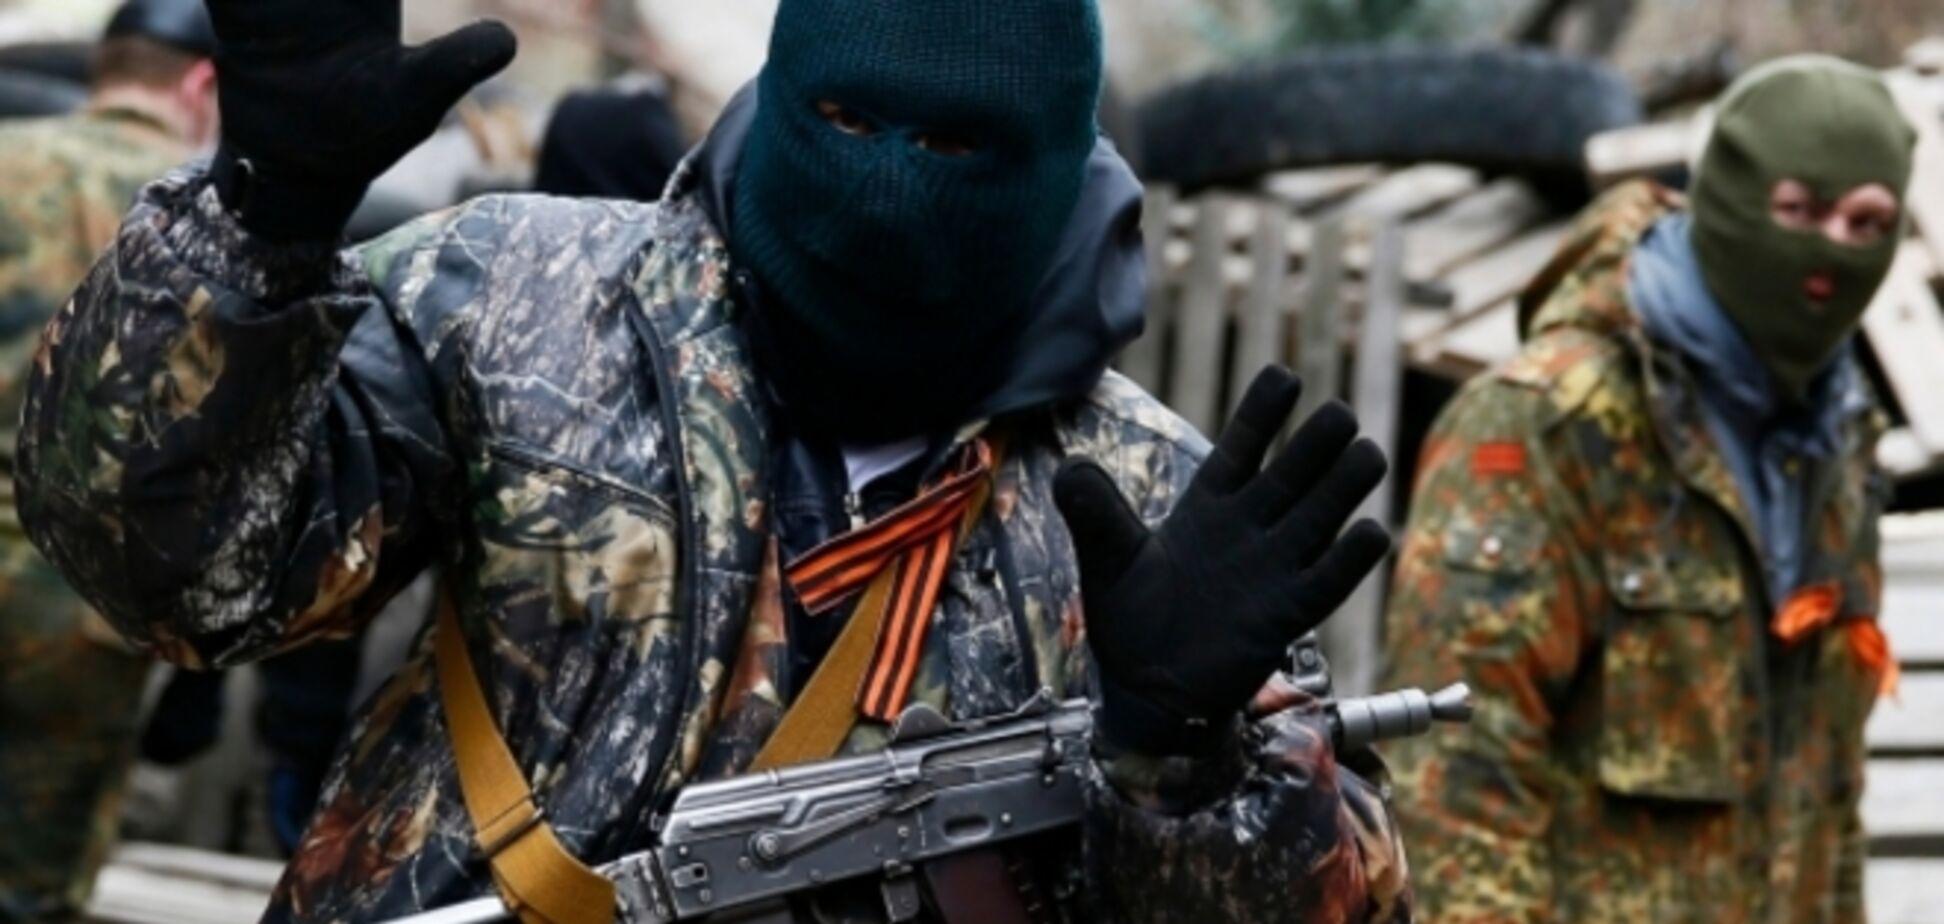 Волонтер сравнил боевиков с гельминтами: договариваться с червями бесполезно